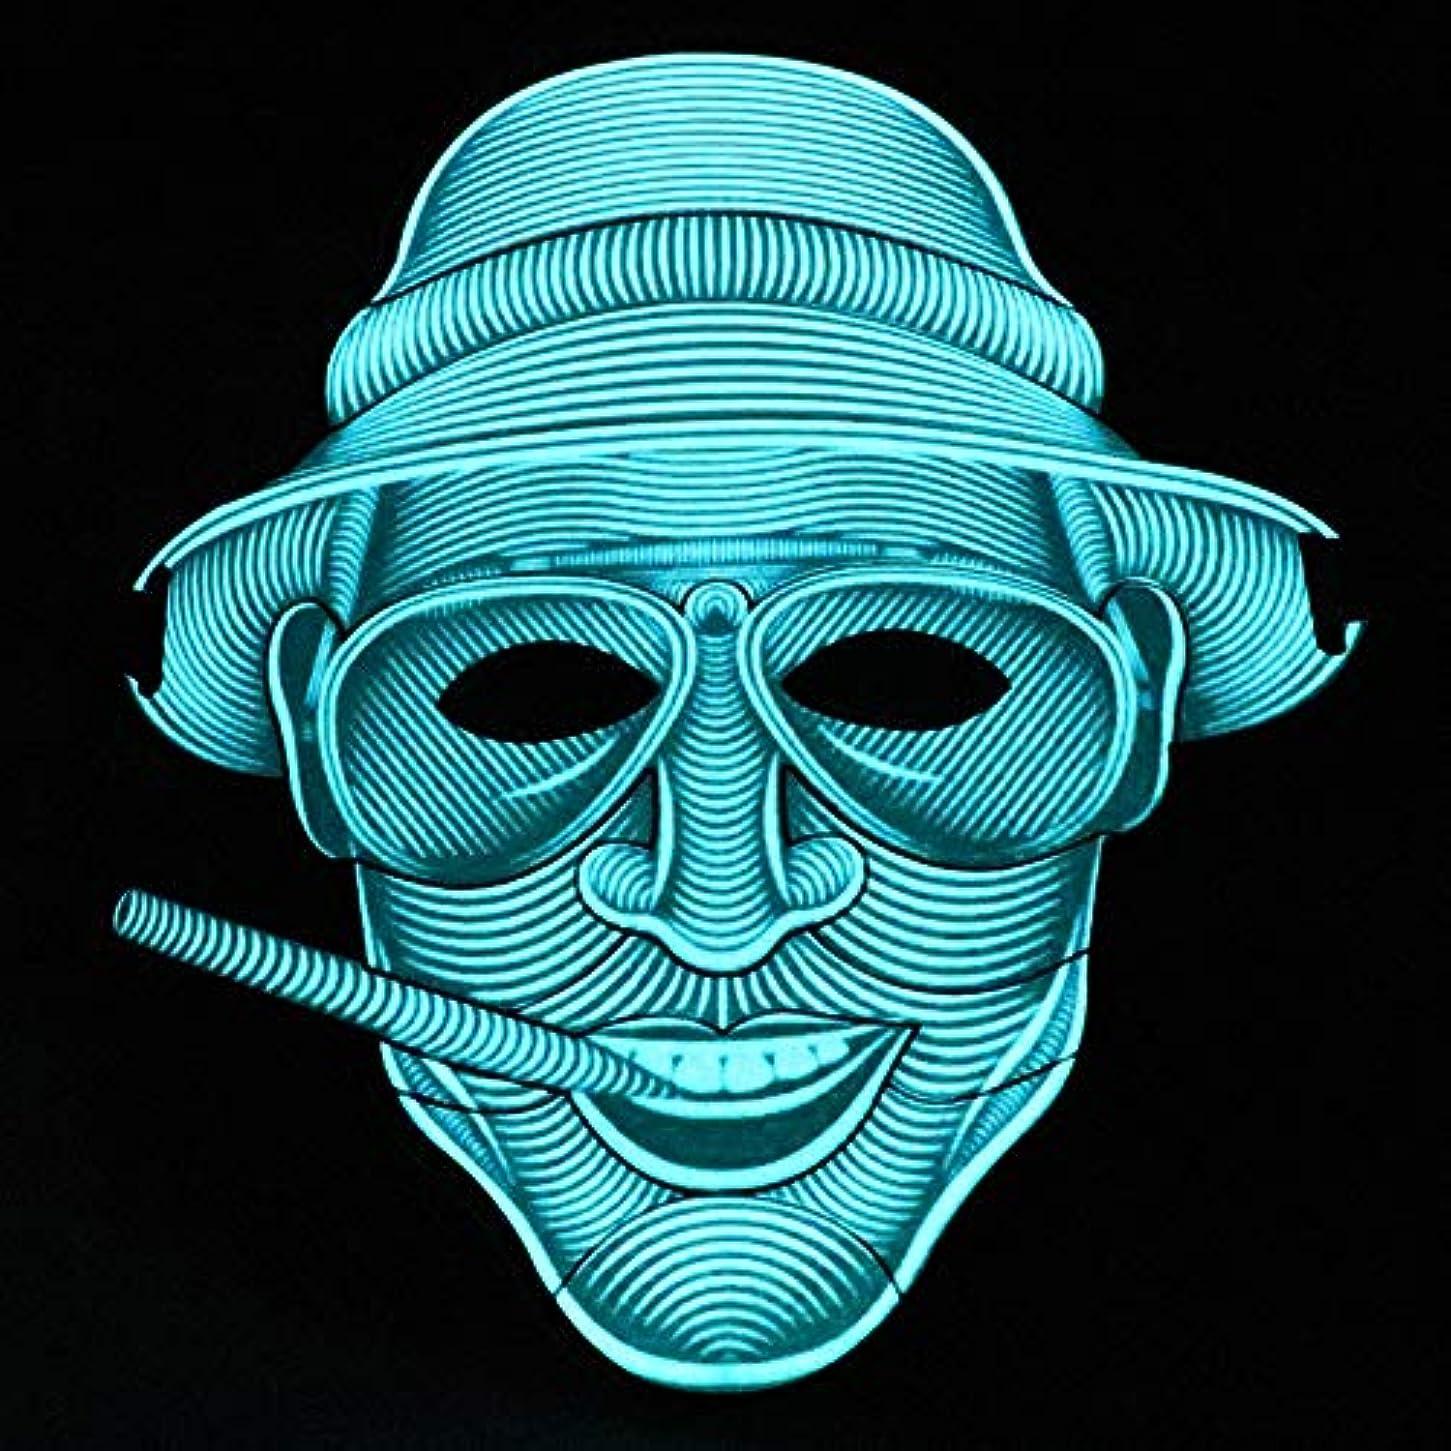 テストジレンマ時間とともに照らされたマスクLED創造的な冷光音響制御マスクハロウィンバーフェスティバルダンスマスク (Color : #12)